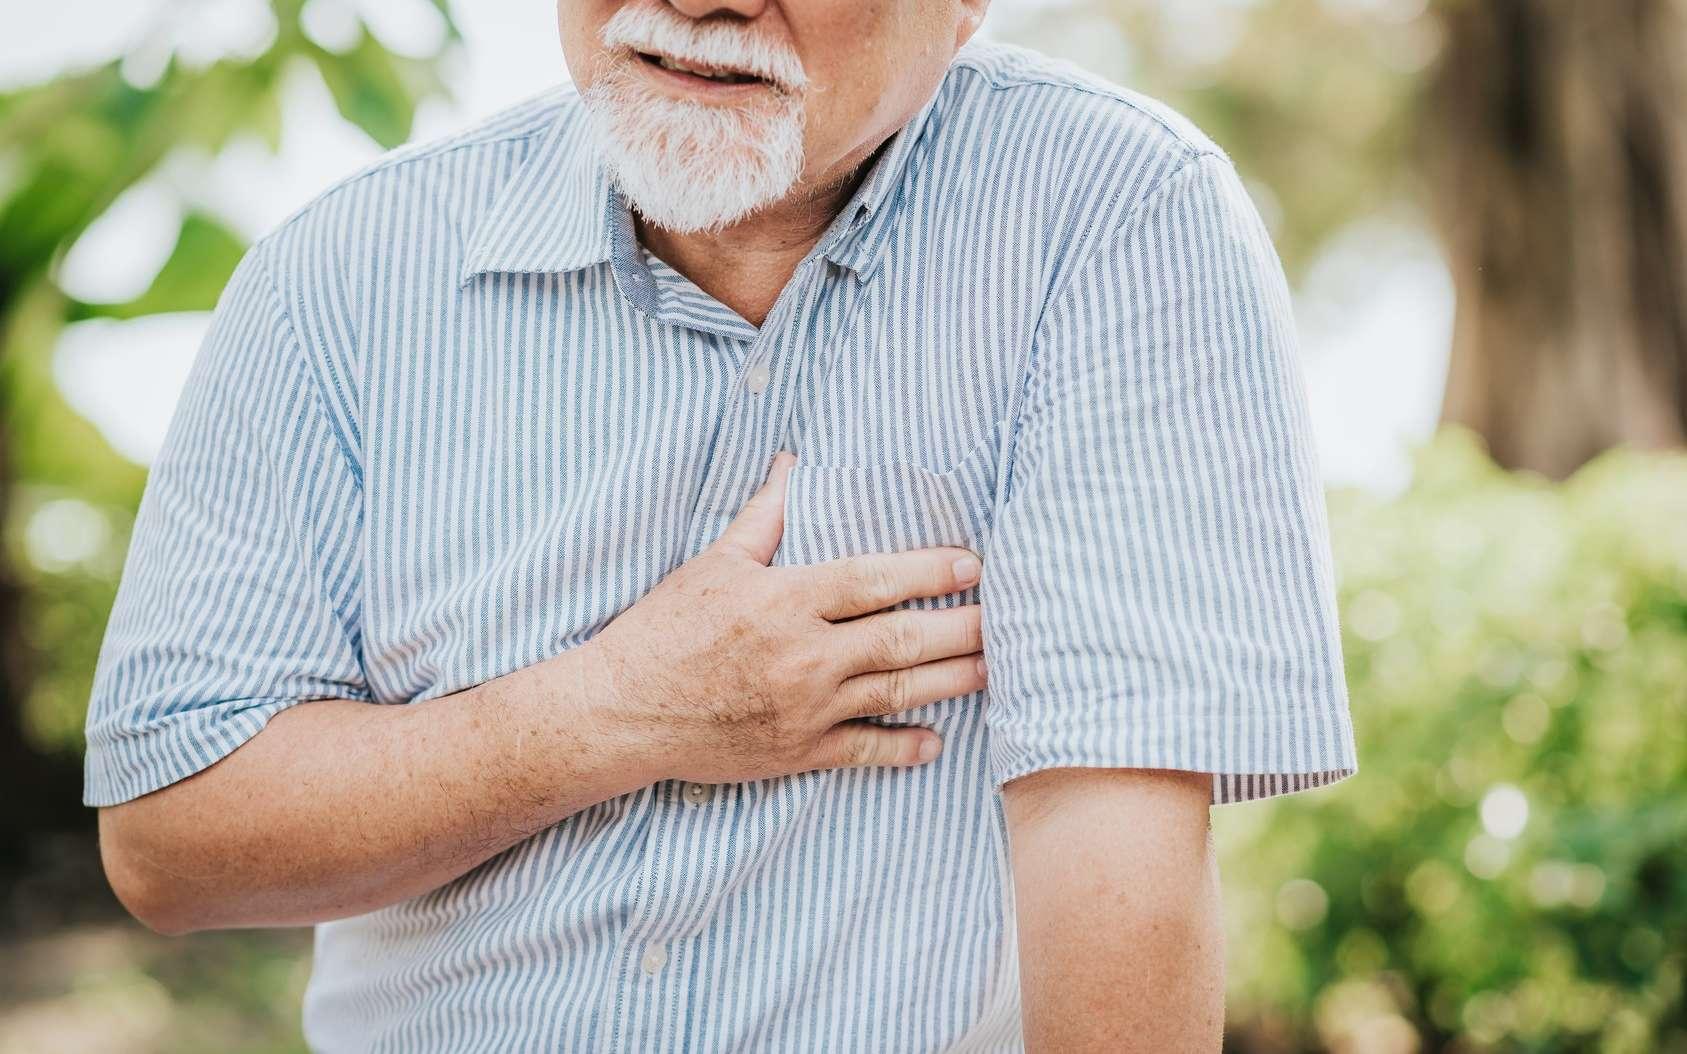 L'insuffisance cardiaque conduit à un décès toutes les sept minutes en France. © interstid, Fotolia